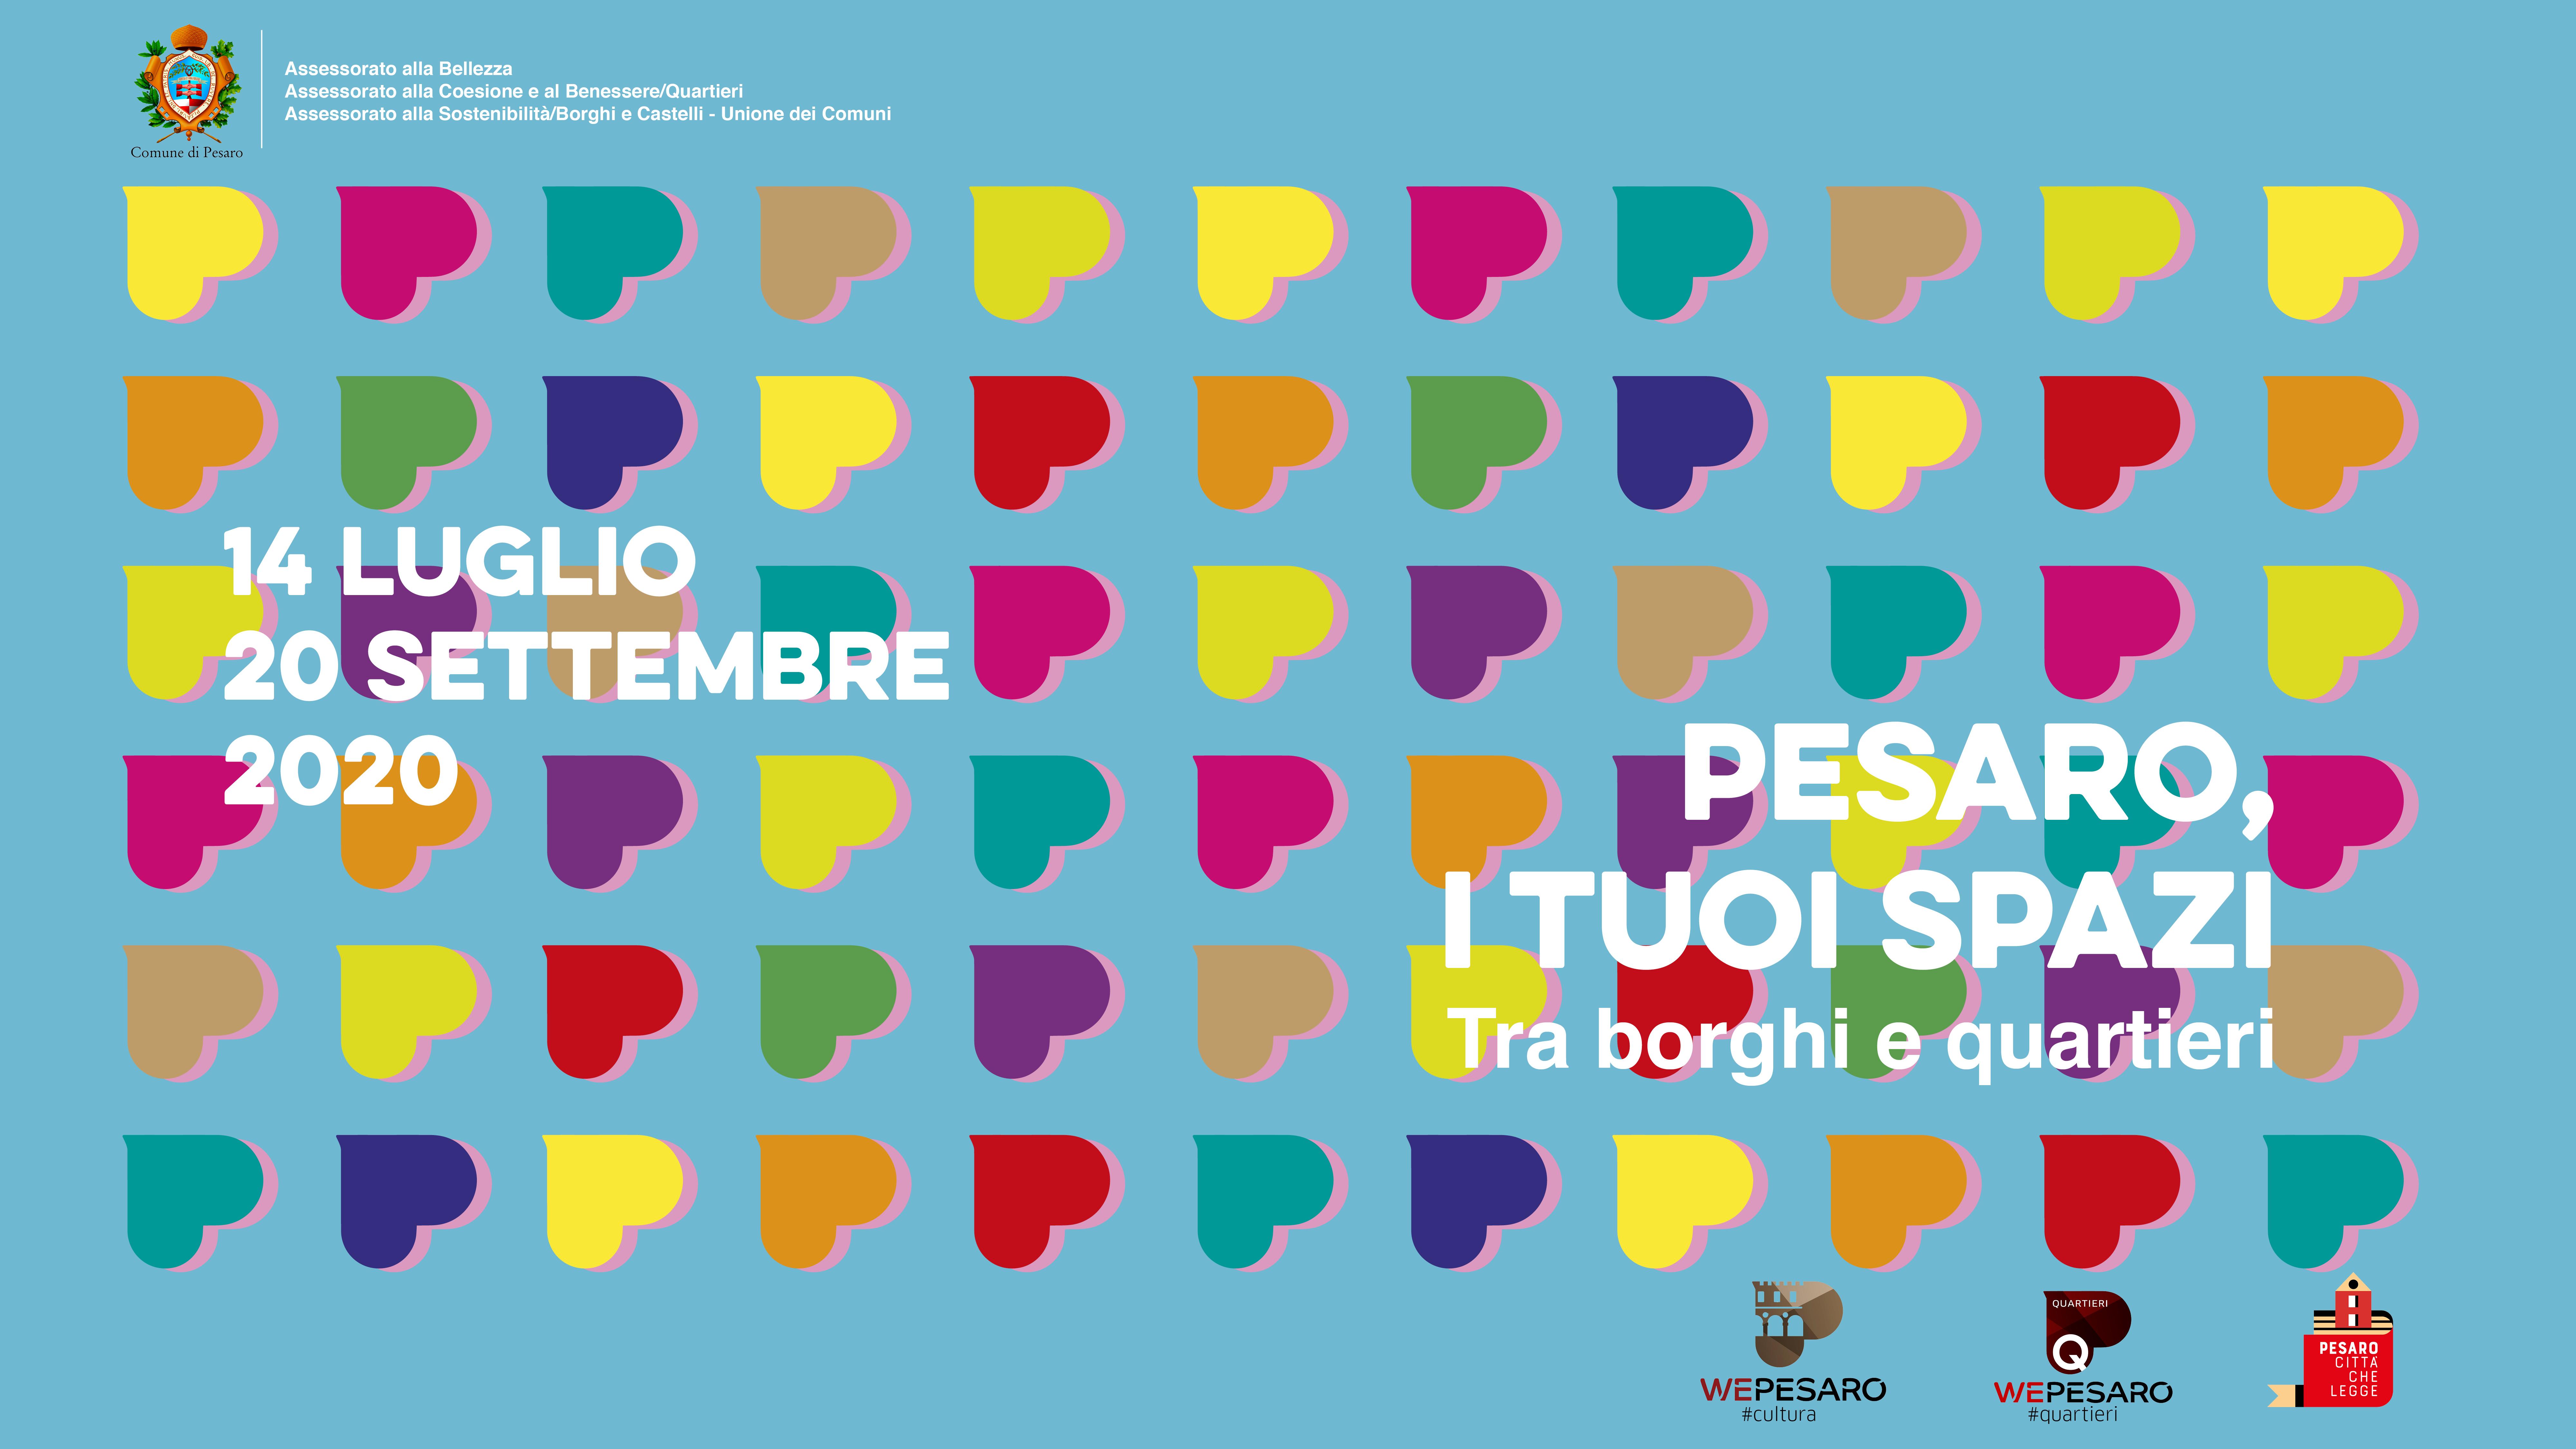 Pesaro, i tuoi spazi. Tra borghi e quartieri